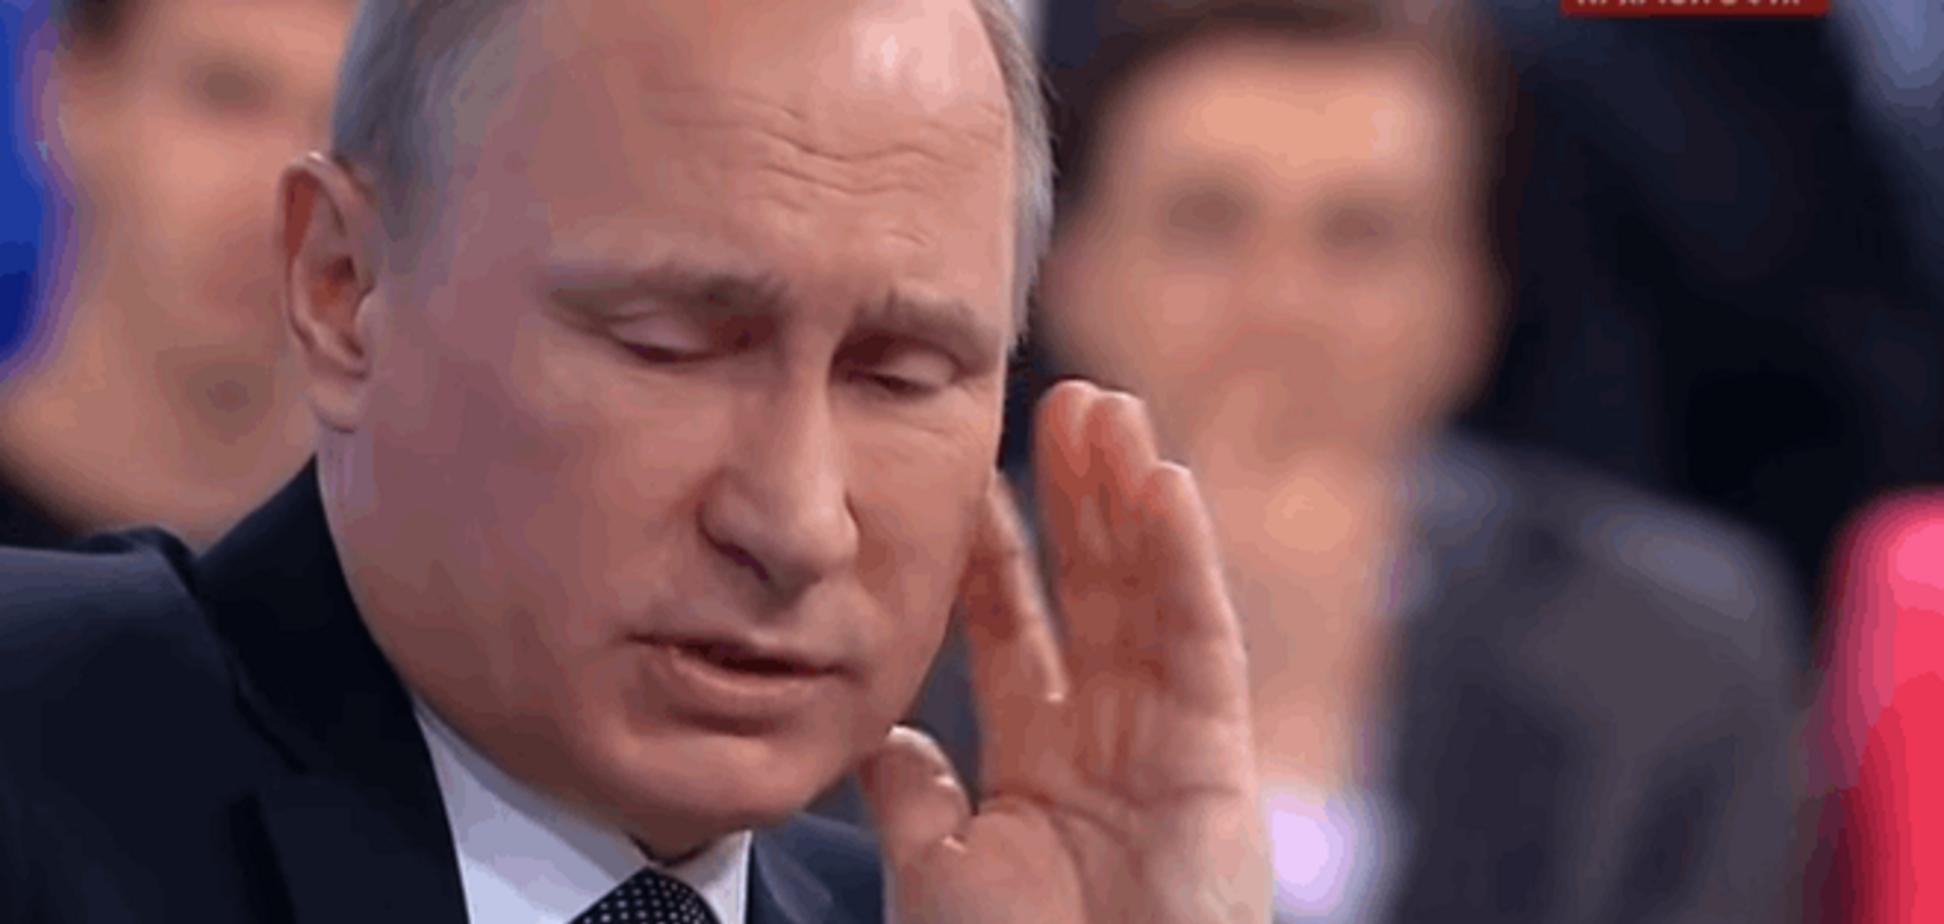 'Помедленней, я записываю': новое смешное видео про Путина